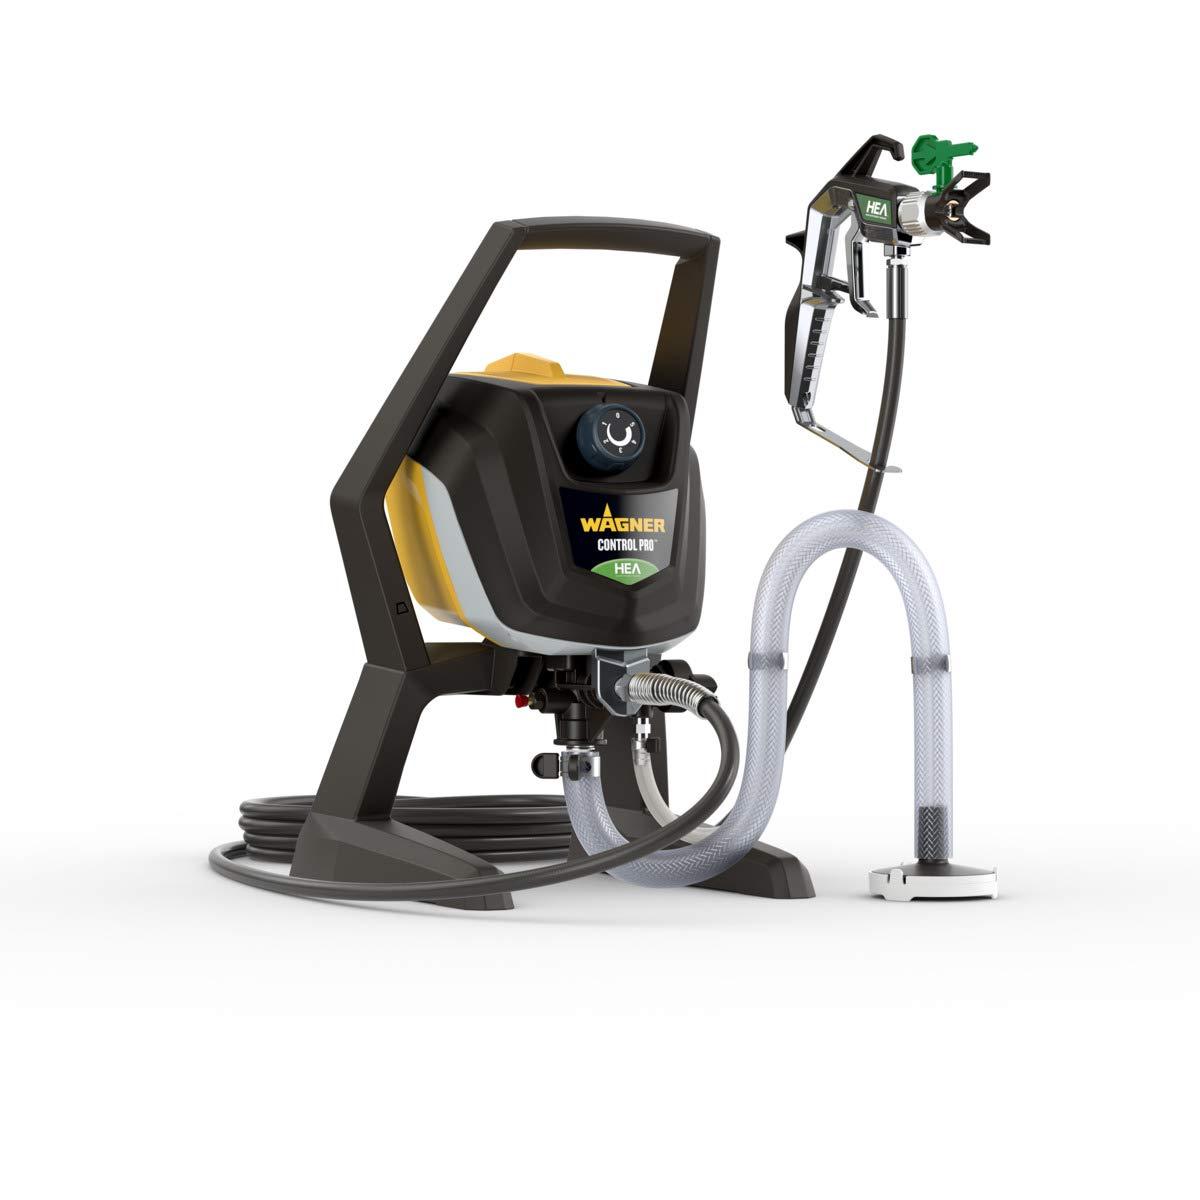 Wagner Control Pro 250 R Airless Farbsprühsystem für Wandfarben, Lacke, Lasuren, Holz- und Korrosionsschutz